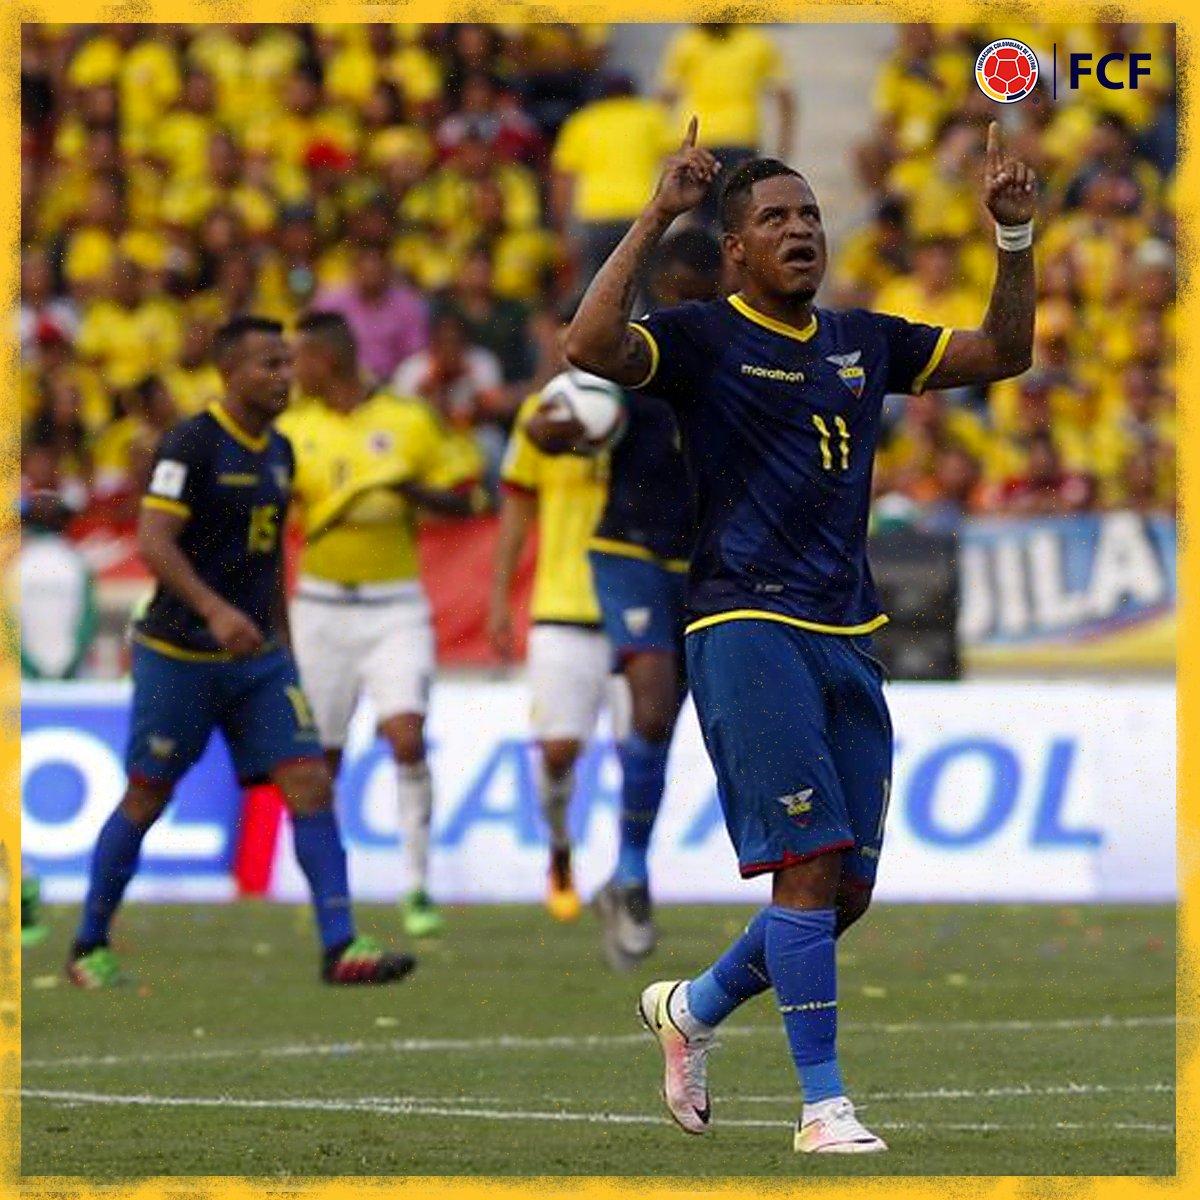 Gol de Ecuador  Michael Arroyo marcó de tiro libre el descuento para el equipo ecuatoriano.   🇨🇴3⃣-1⃣🇪🇨  #EnModoEliminatorias #ViveElGolCaracol https://t.co/26gbj15rSj